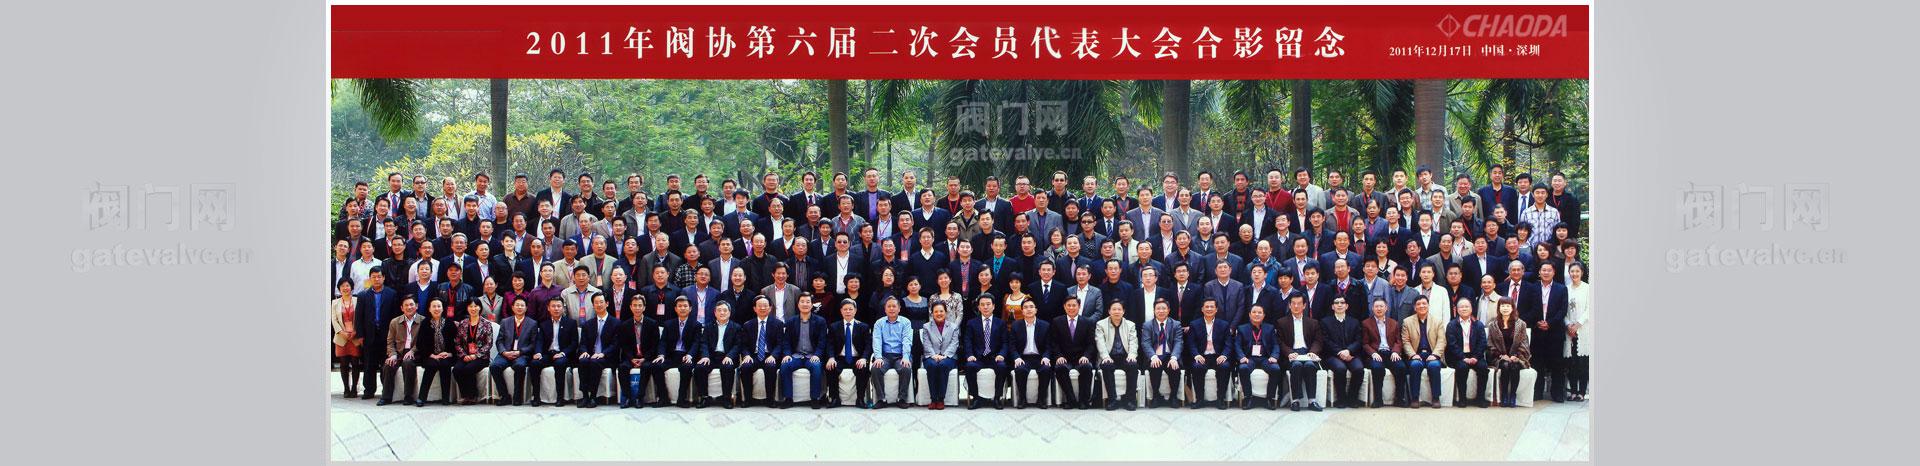 行业协会图片